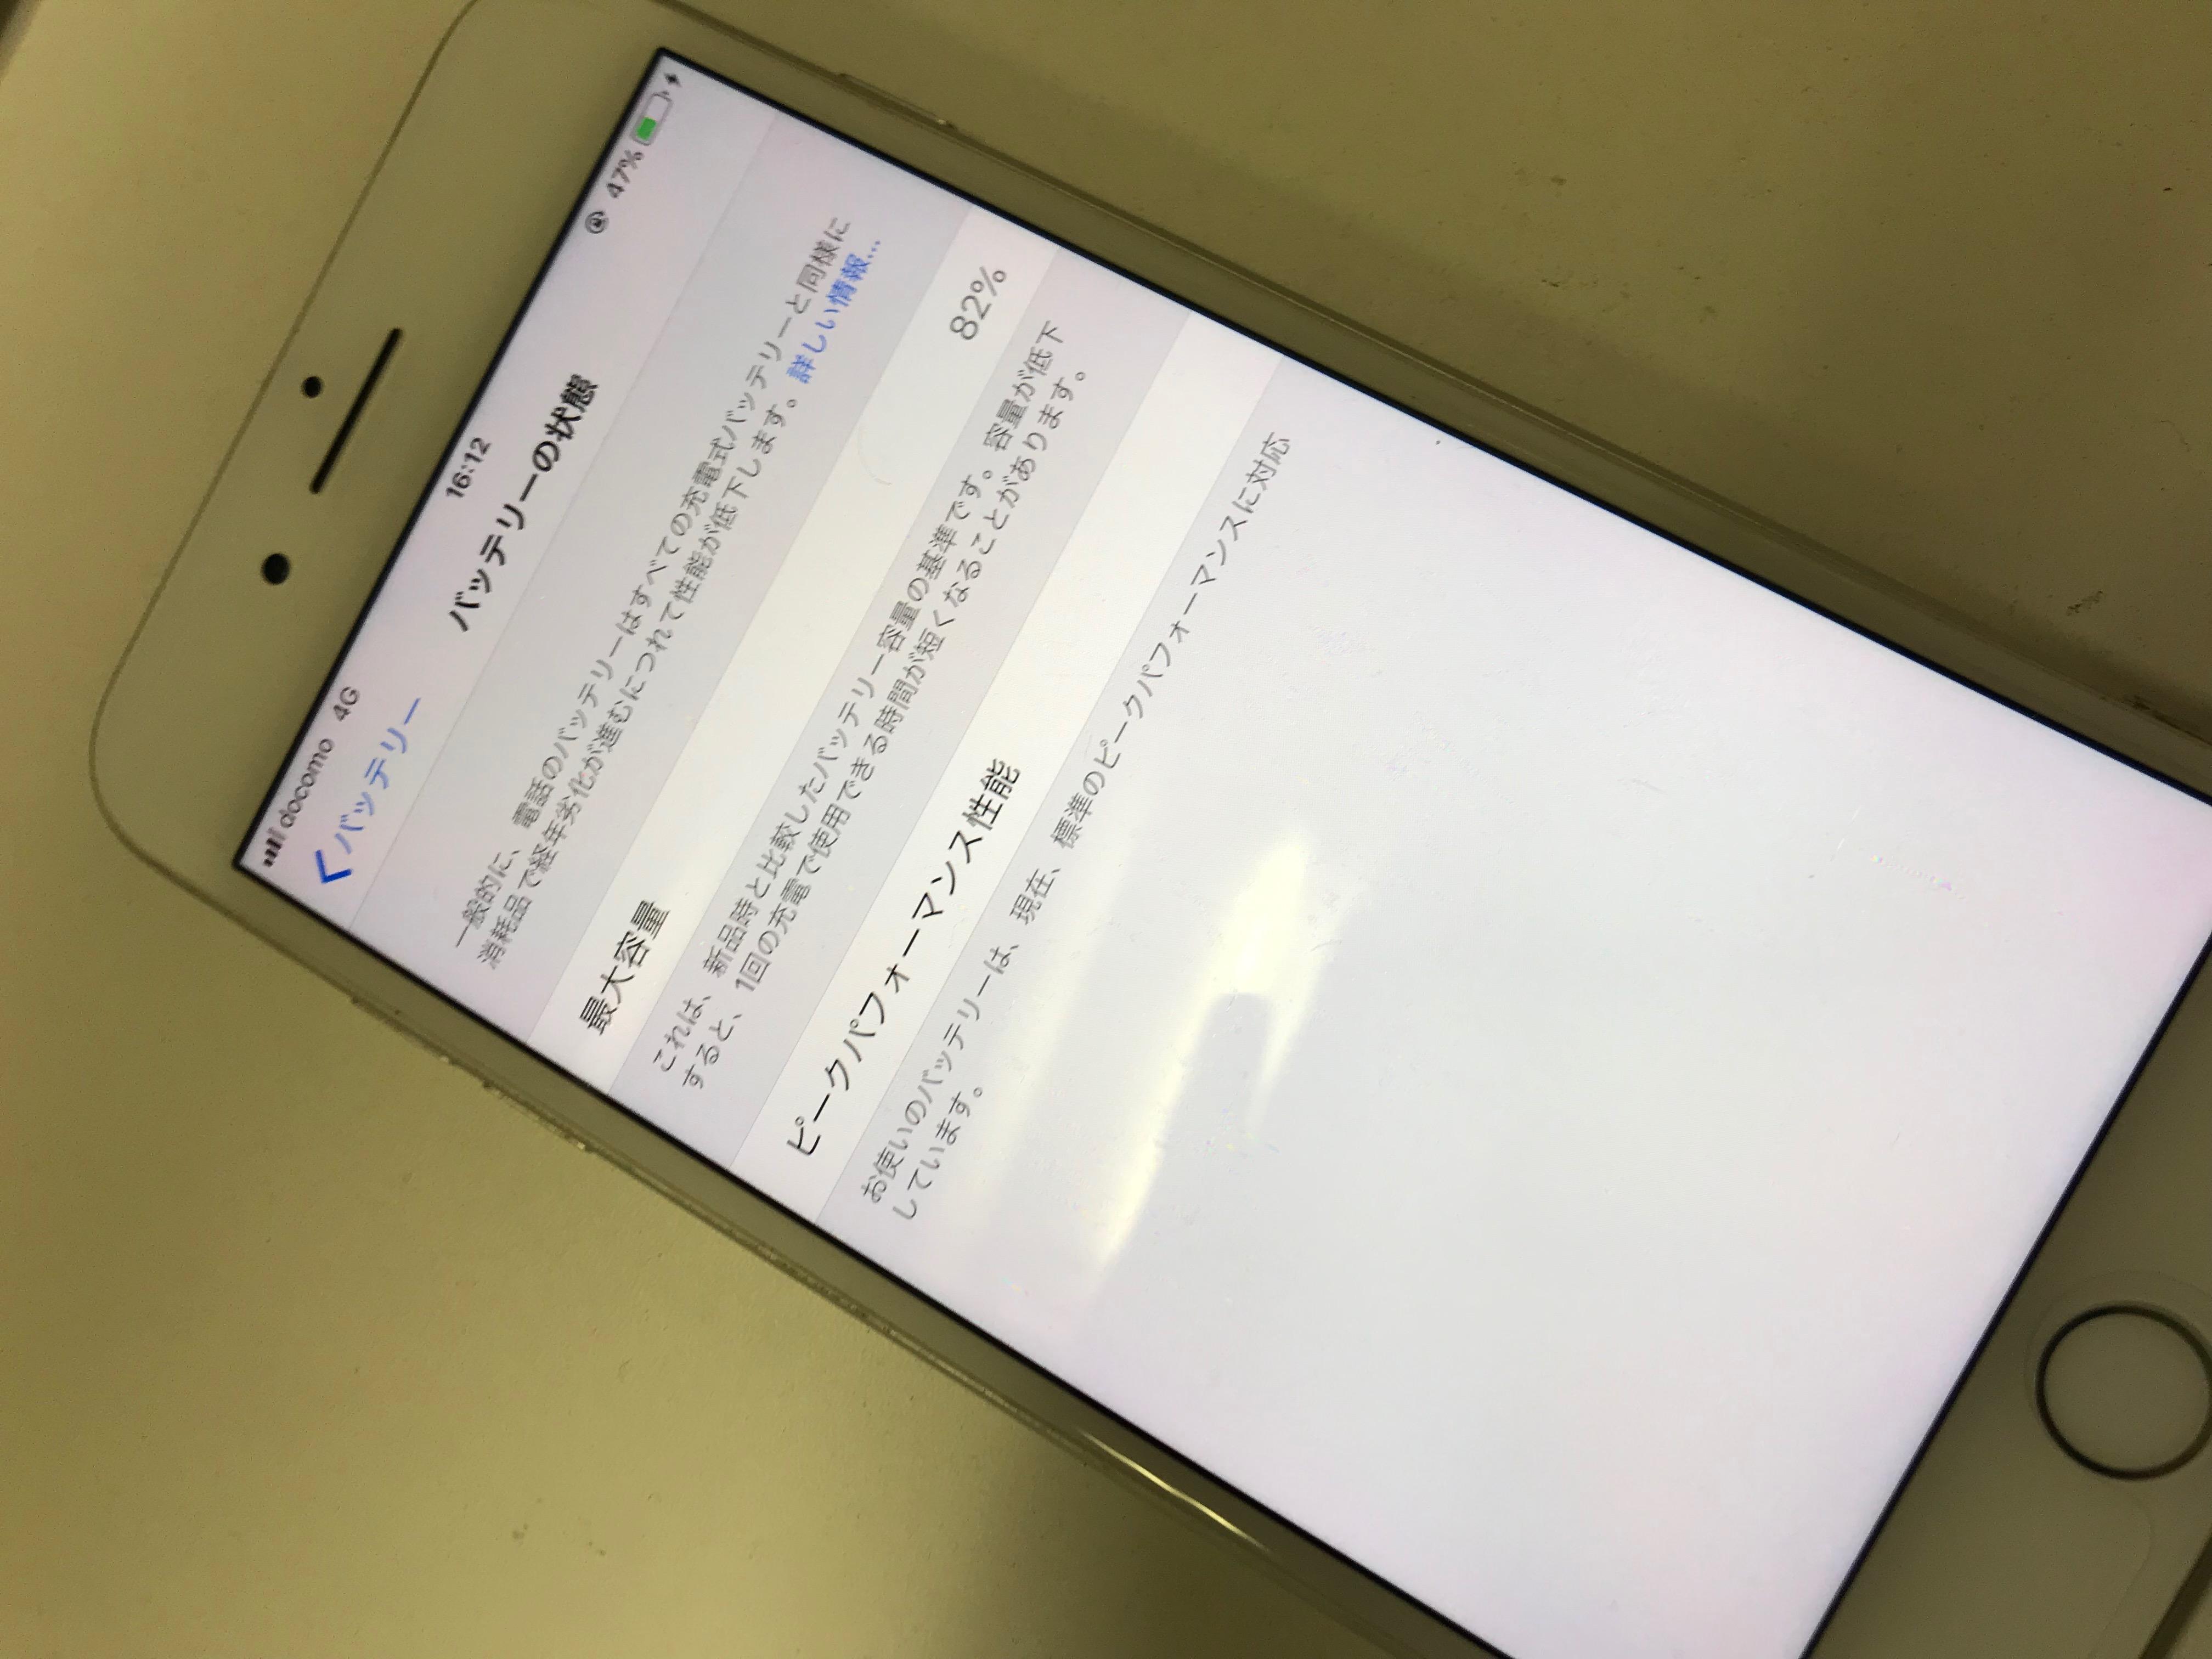 修理前:iPhone7plusのバッテリーが弱ってしまったら、バッテリーのみ交換しませんか?